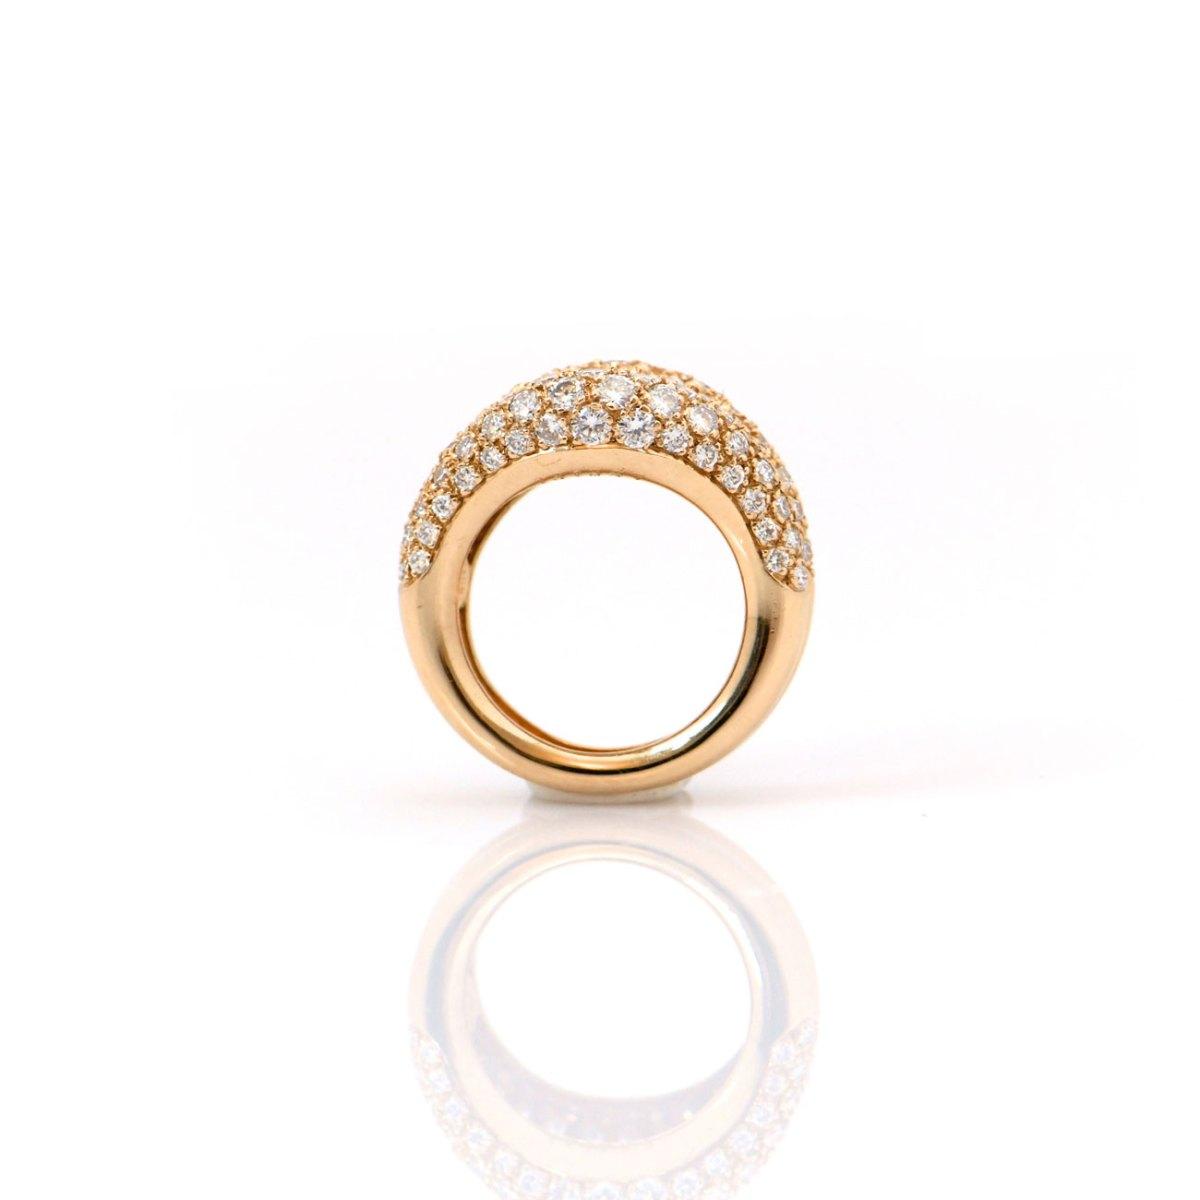 Bague Diamants en pavage CHAUMET, Or jaune 750‰ | Réf BA-B18646 | EVENOR Joaillerie • Bijoux Vintage et d'occasion